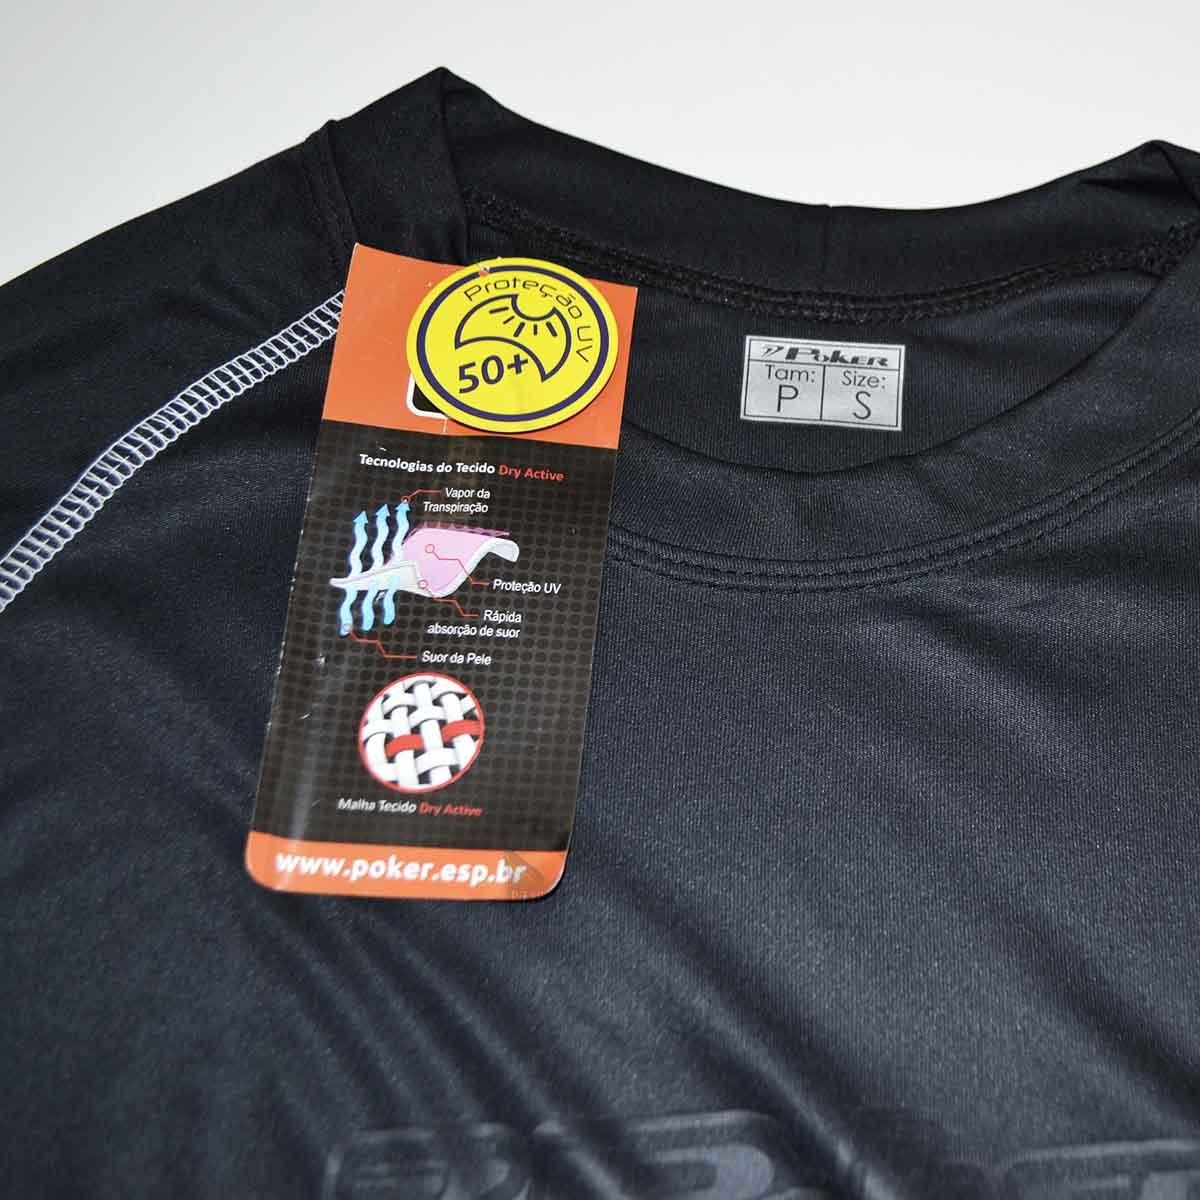 Camisa Manga Longa Poker Proteção Solar Fps 50+ Frete Grátis - R  79 ... 5cf2625456a0f